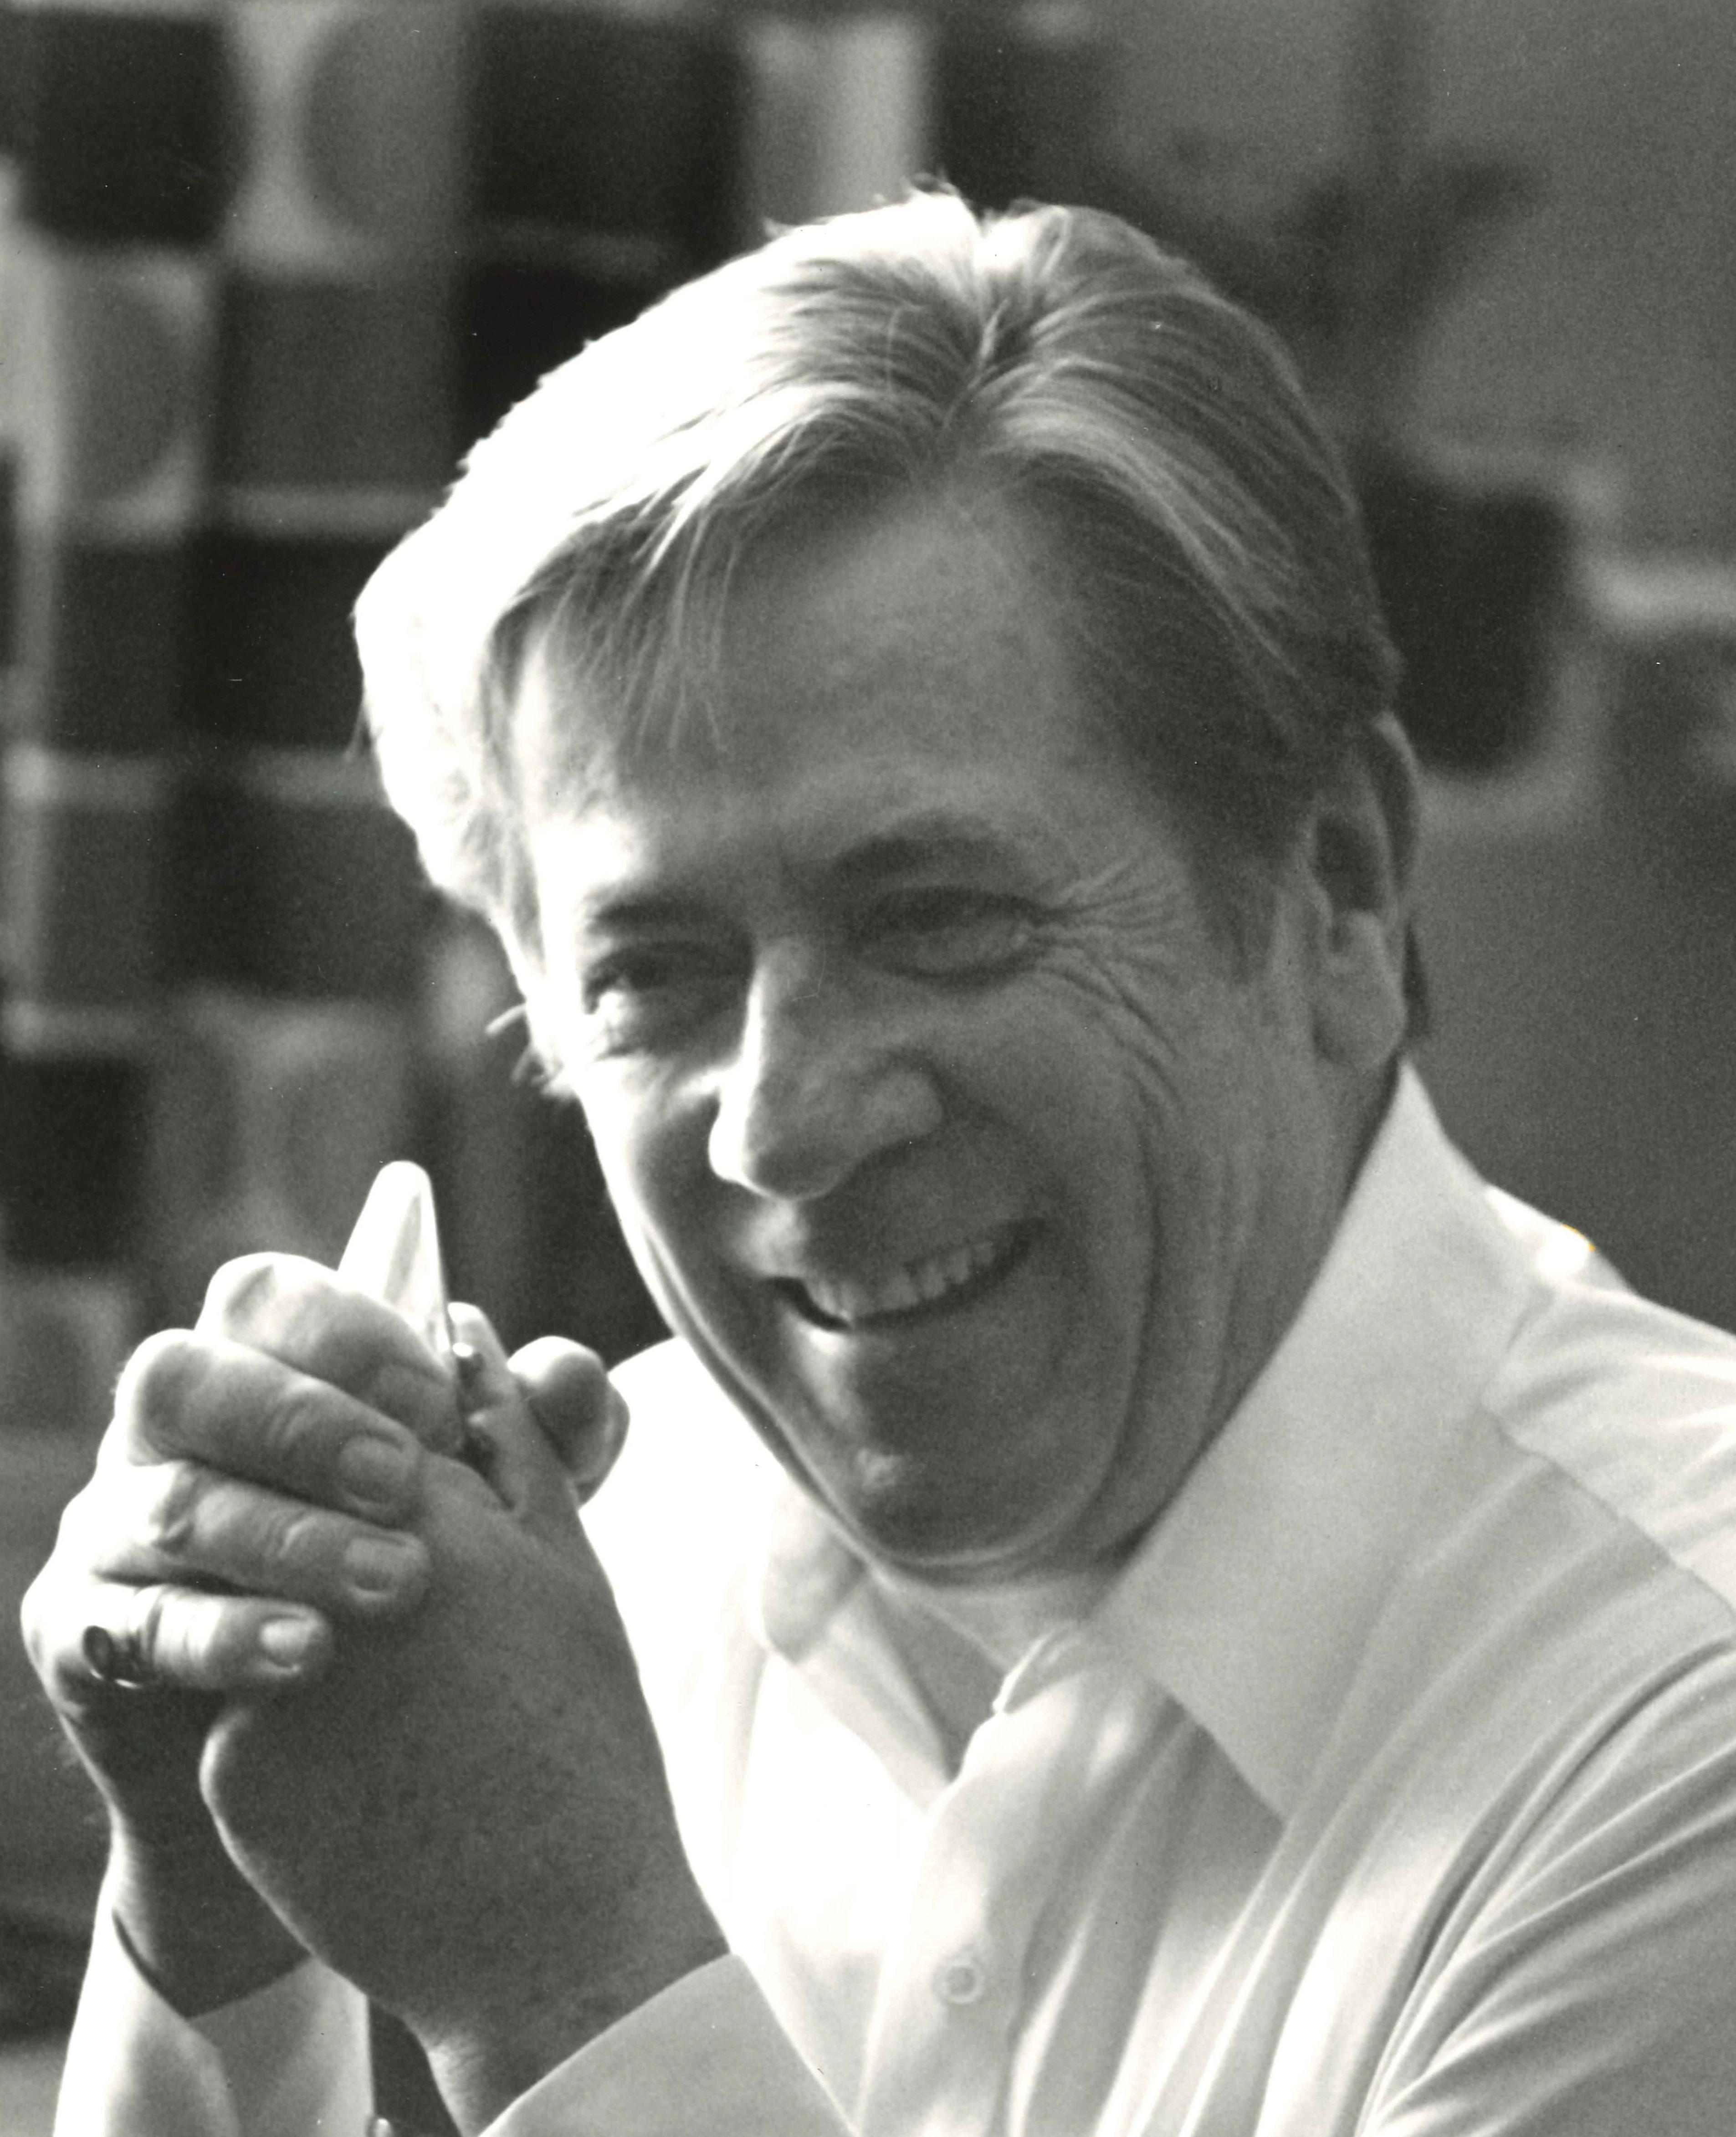 Phil Nimmons headshot 1975